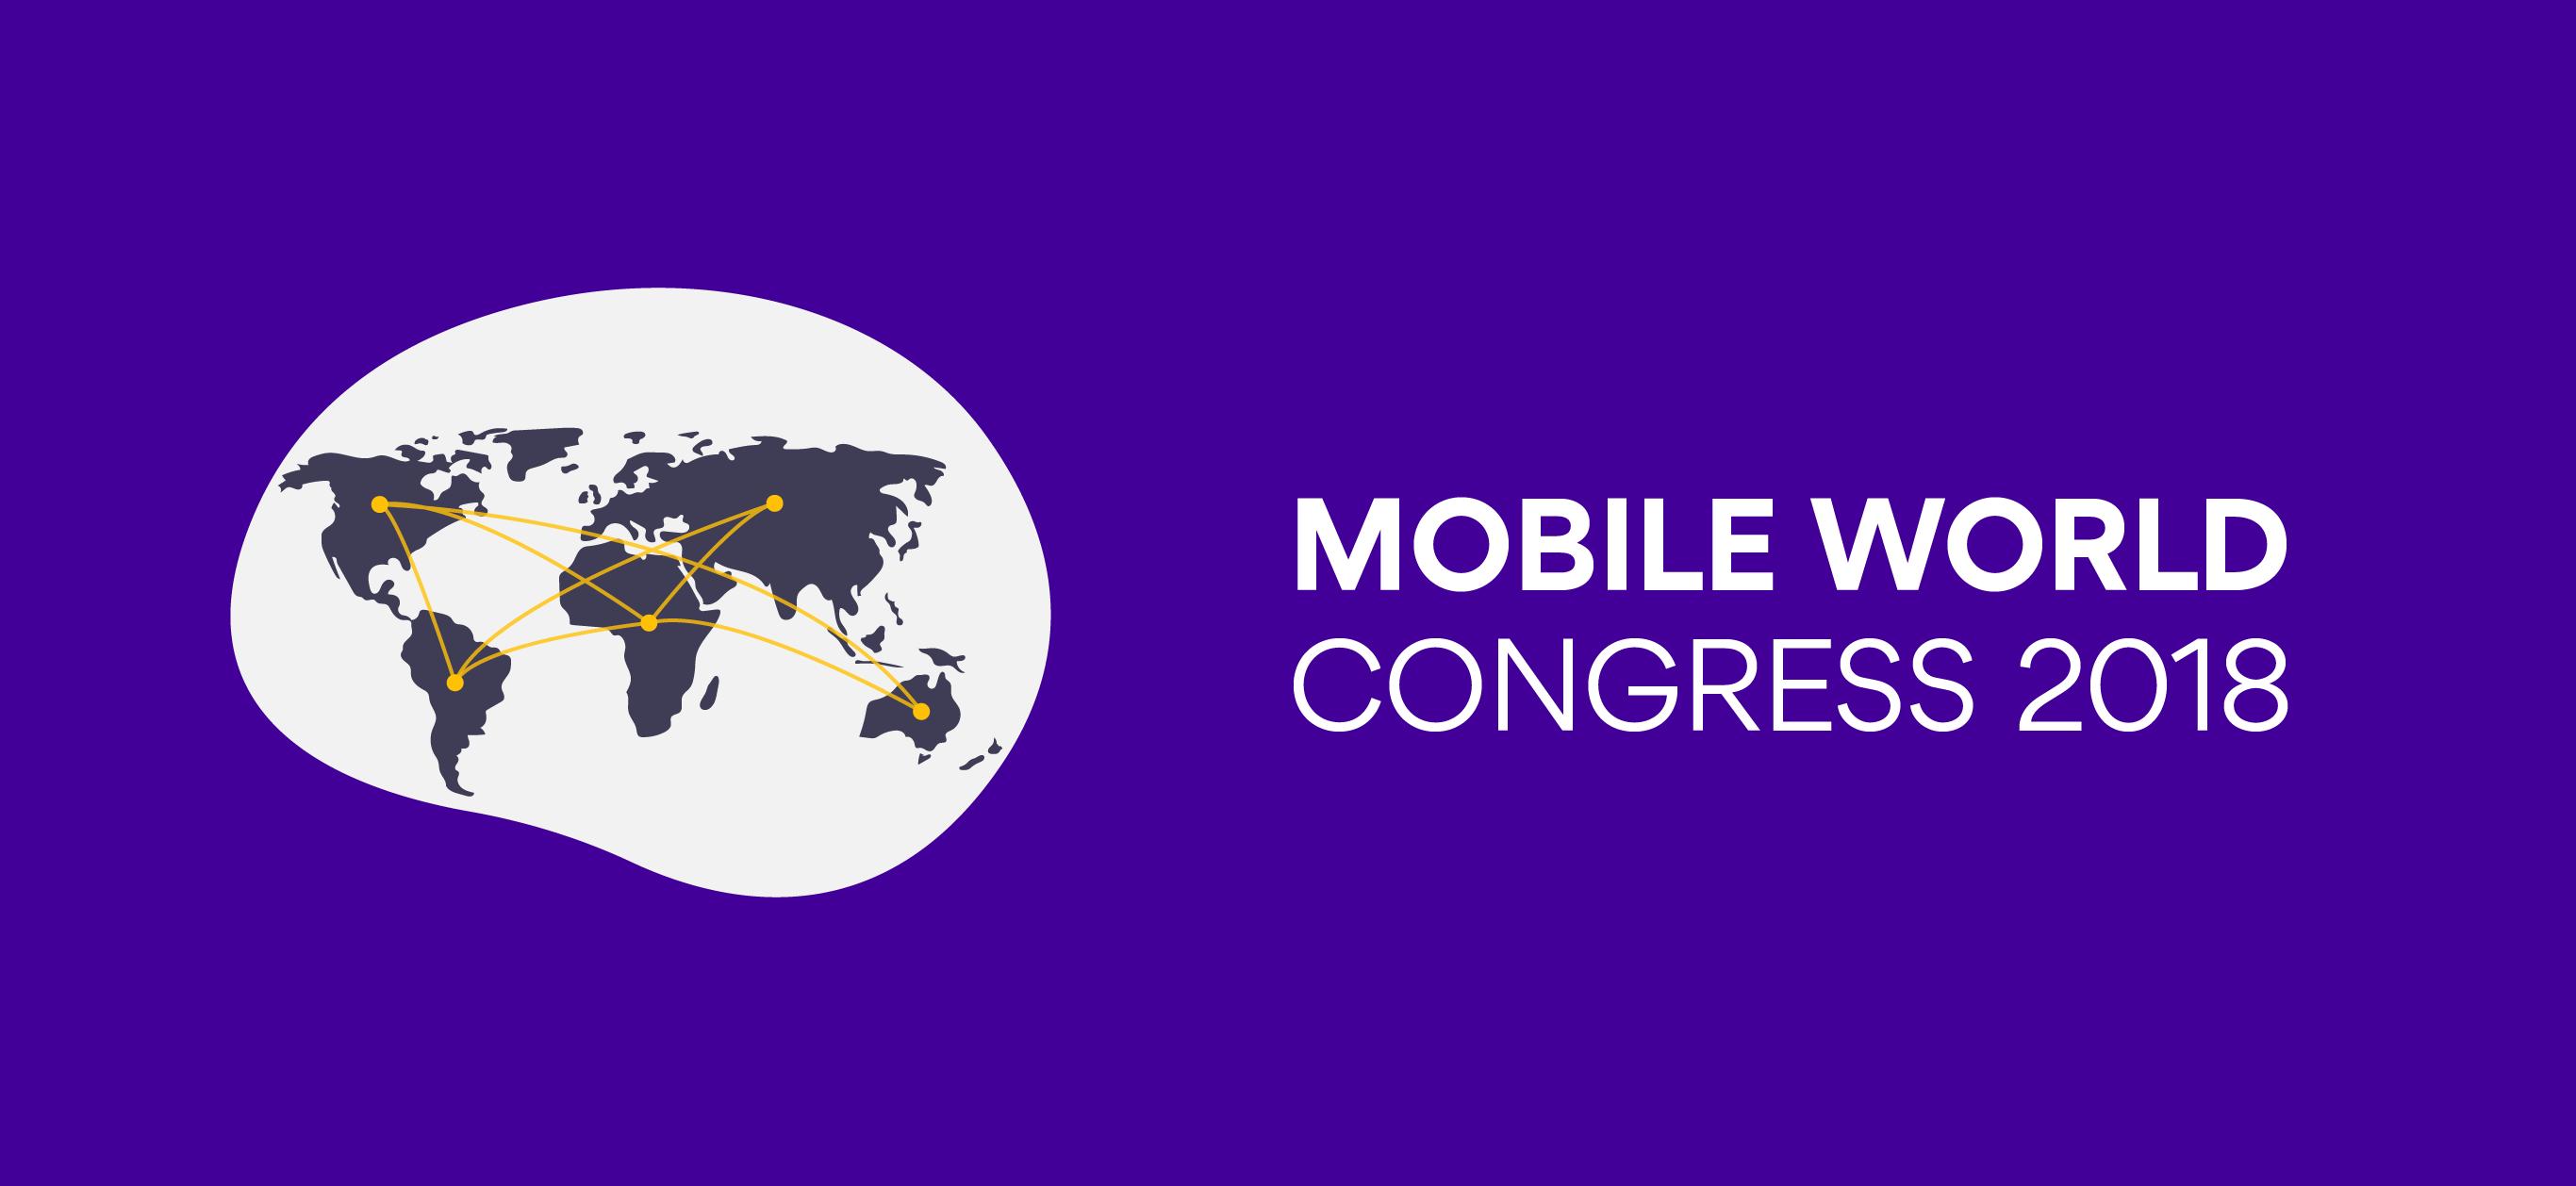 Relacja znaszego udziału wMobile World Congress 2018